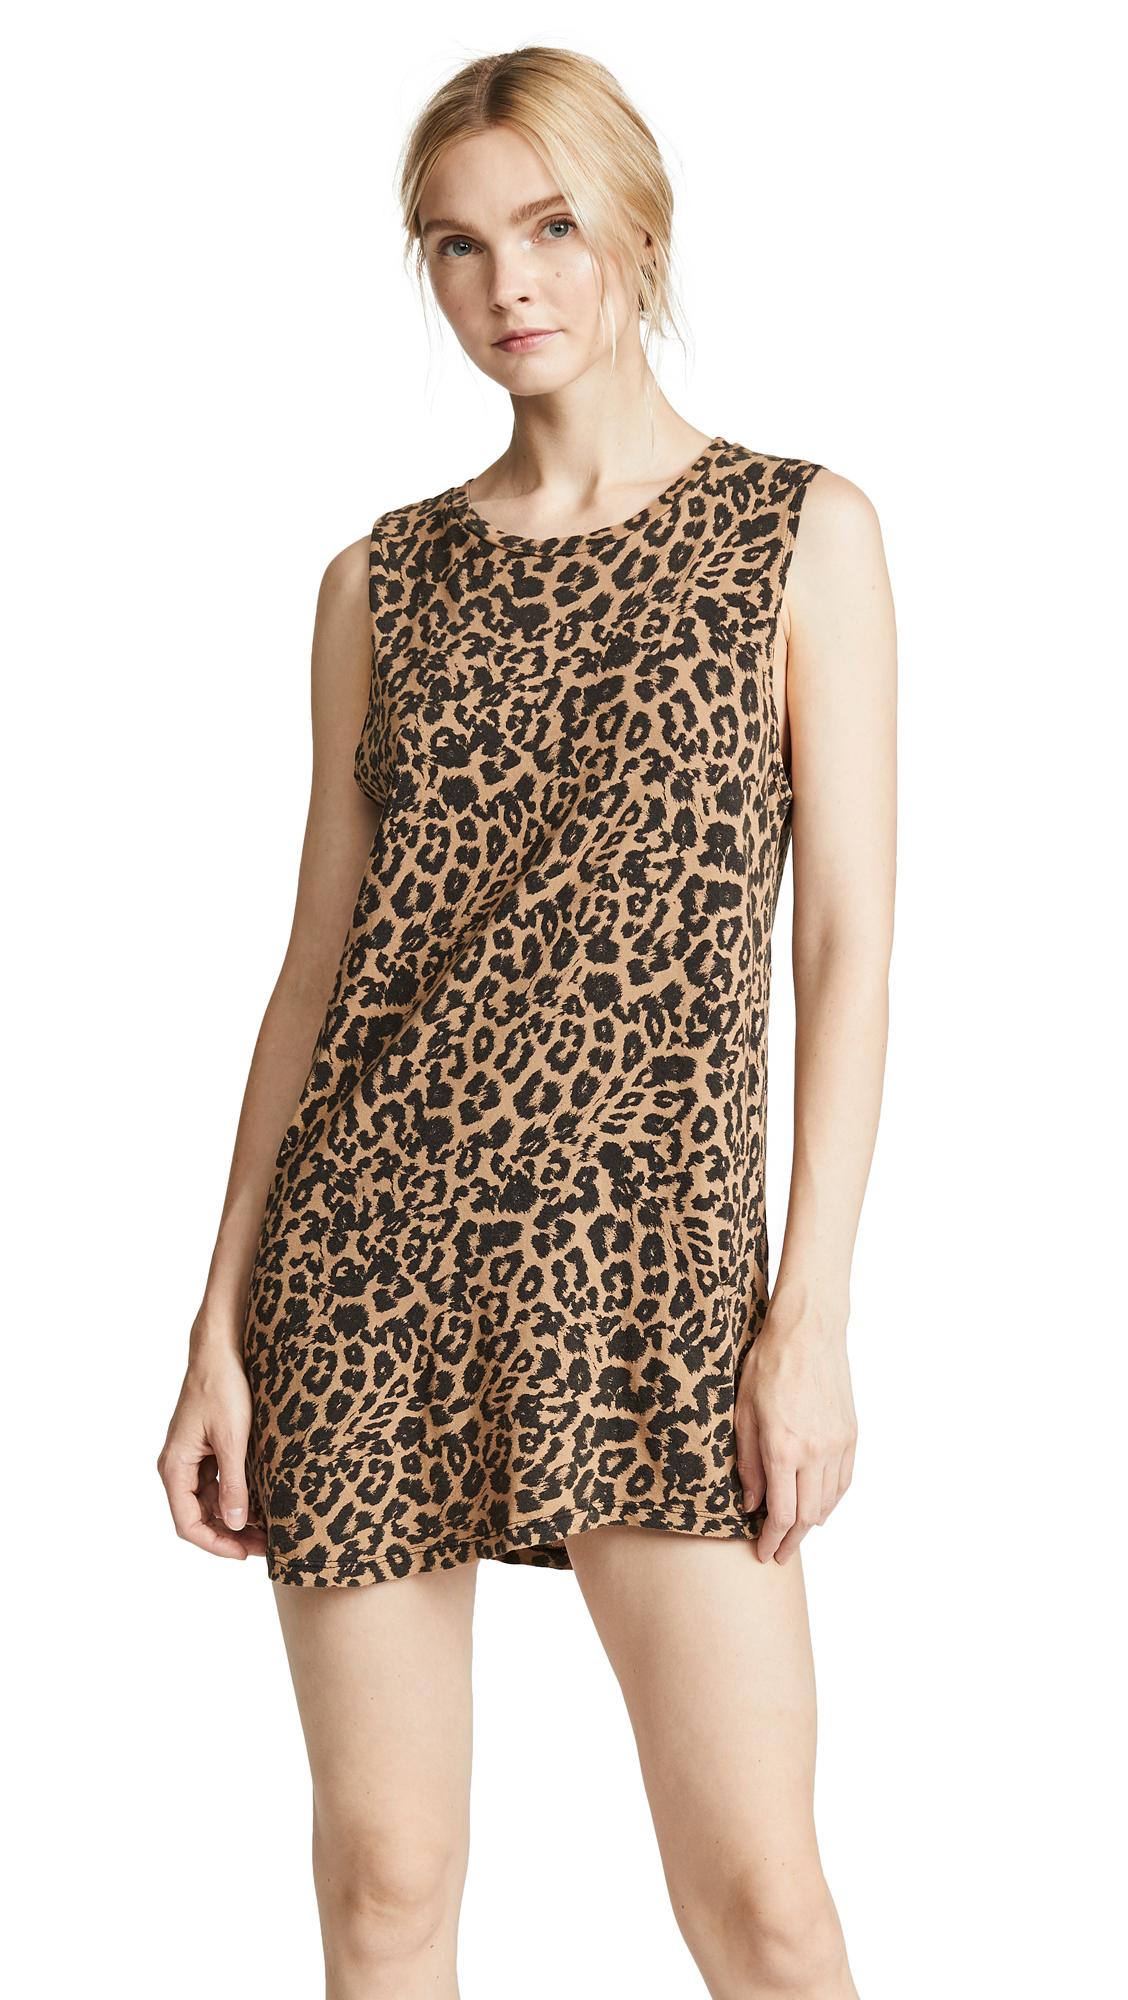 LNA Leopard Muscle Tank Dress In Leopard